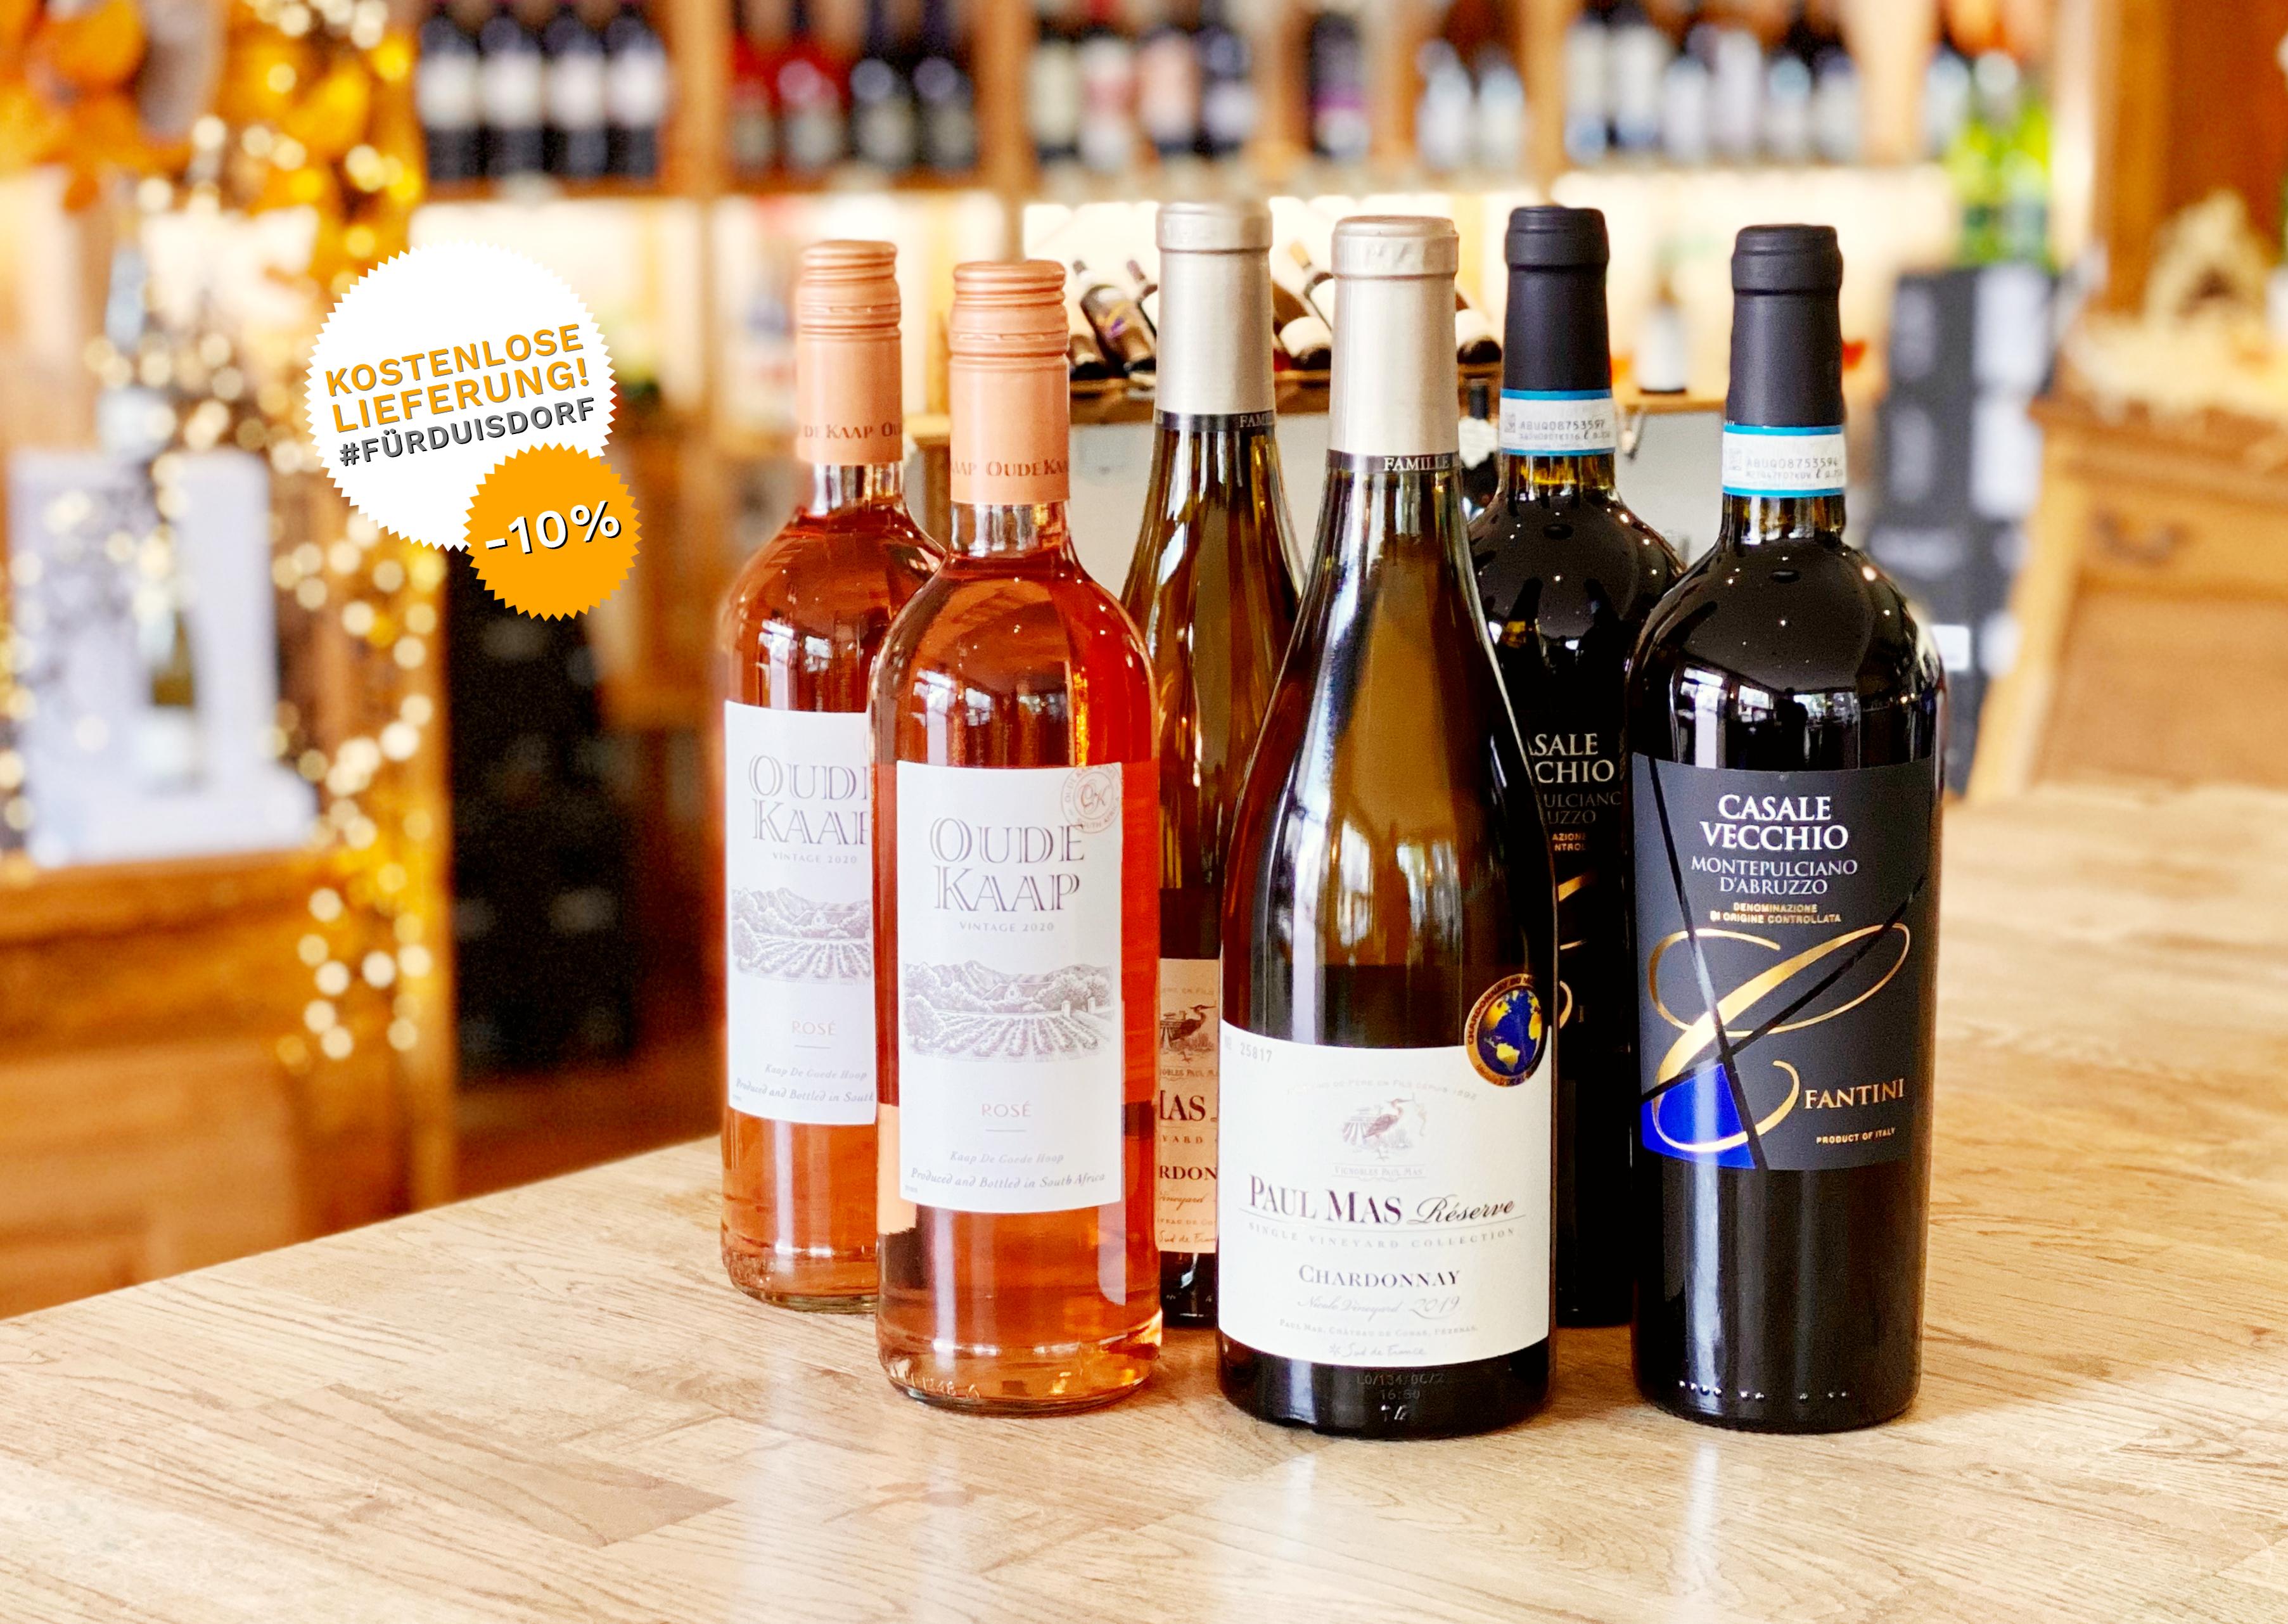 6 Flaschen gastronomieerprobter Weine aus Südafrika | Italien | Frankreich